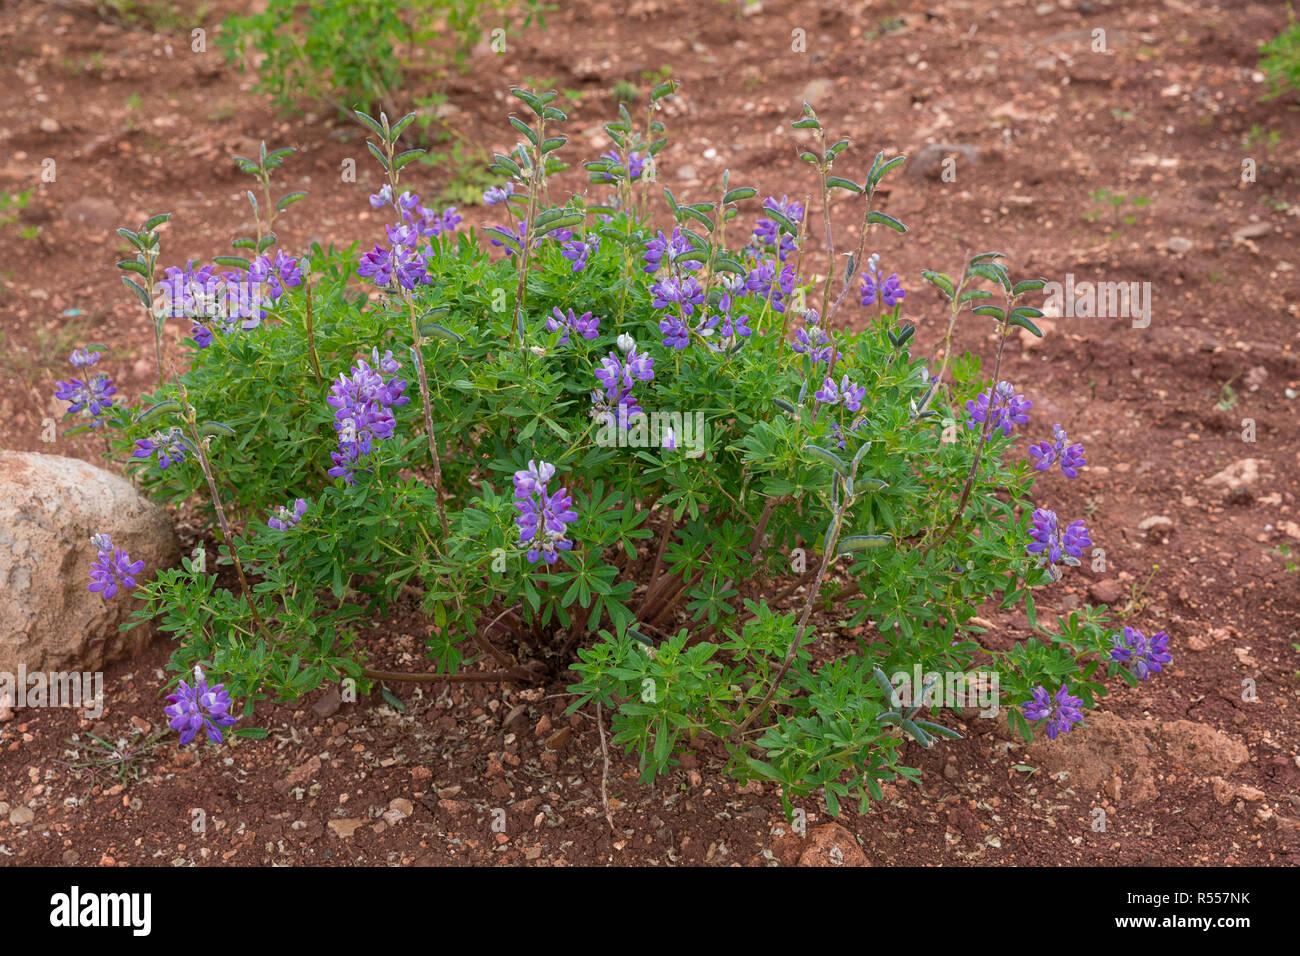 Alaska-Lupine, Alaskalupine, Lupinus nootkatensis, Nootka lupine, Nootka lupin, Blue Lupine Stock Photo